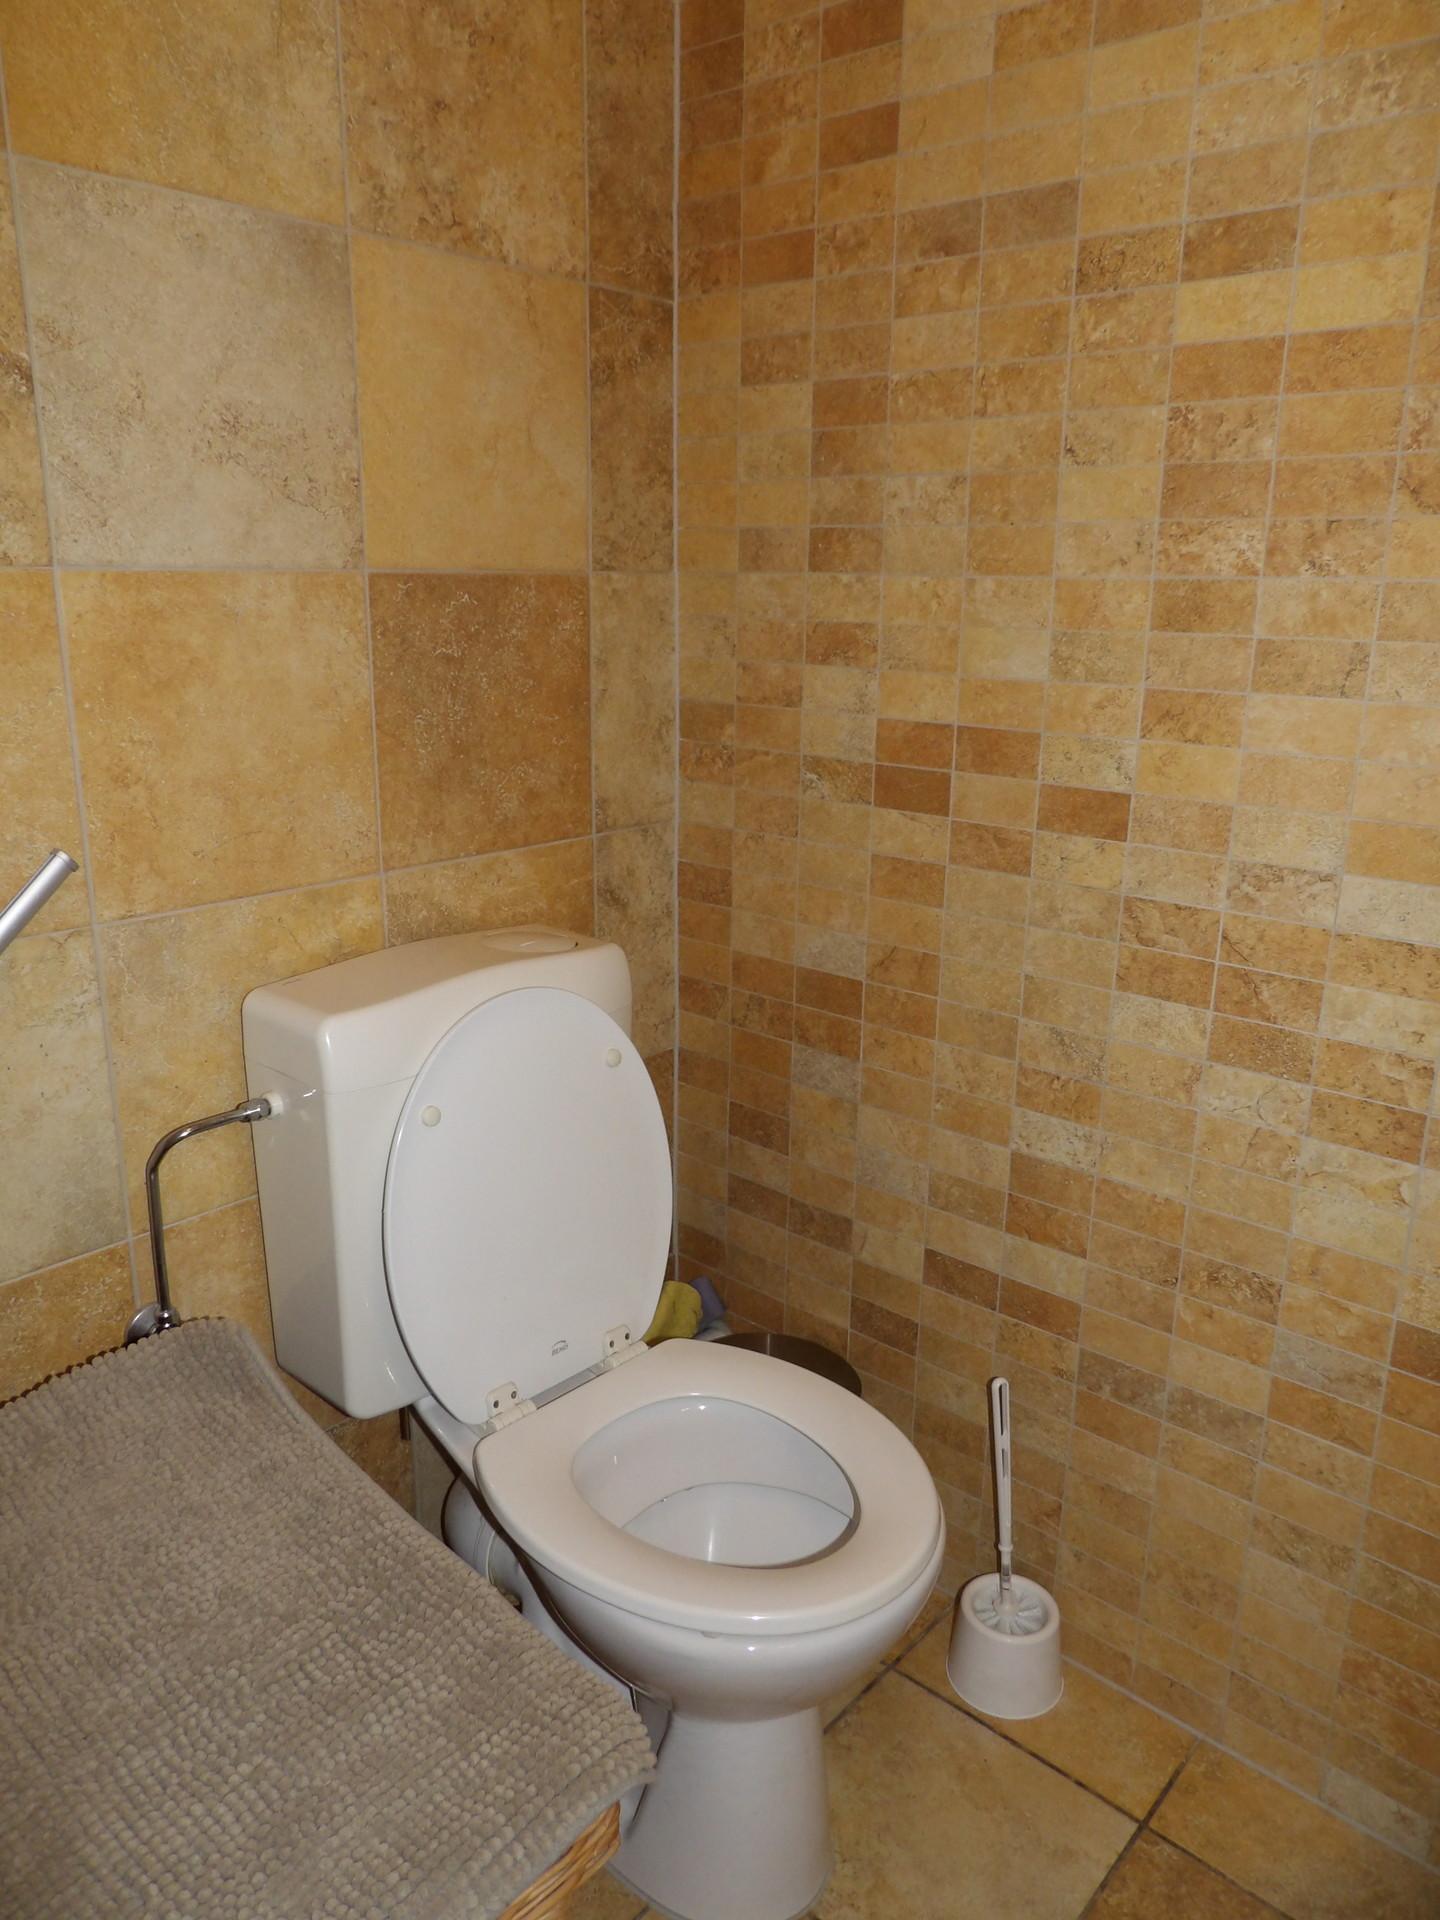 Chambre et salle de bain priv es dans une jolie maison avec jardin r sidences universitaires - Salle de bain dans une chambre ...